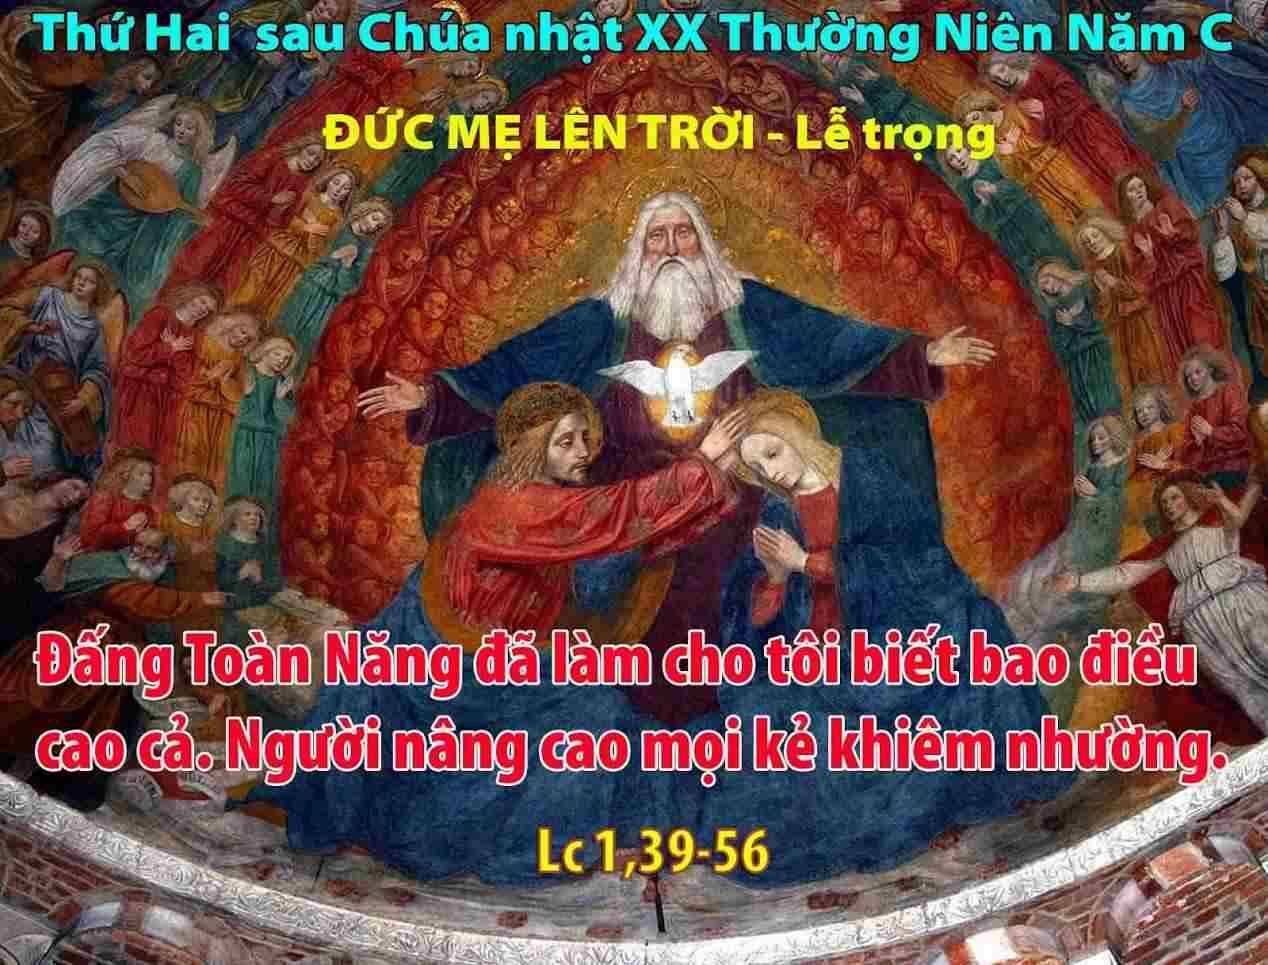 20TNC_T2 - Duc Me Len Troi